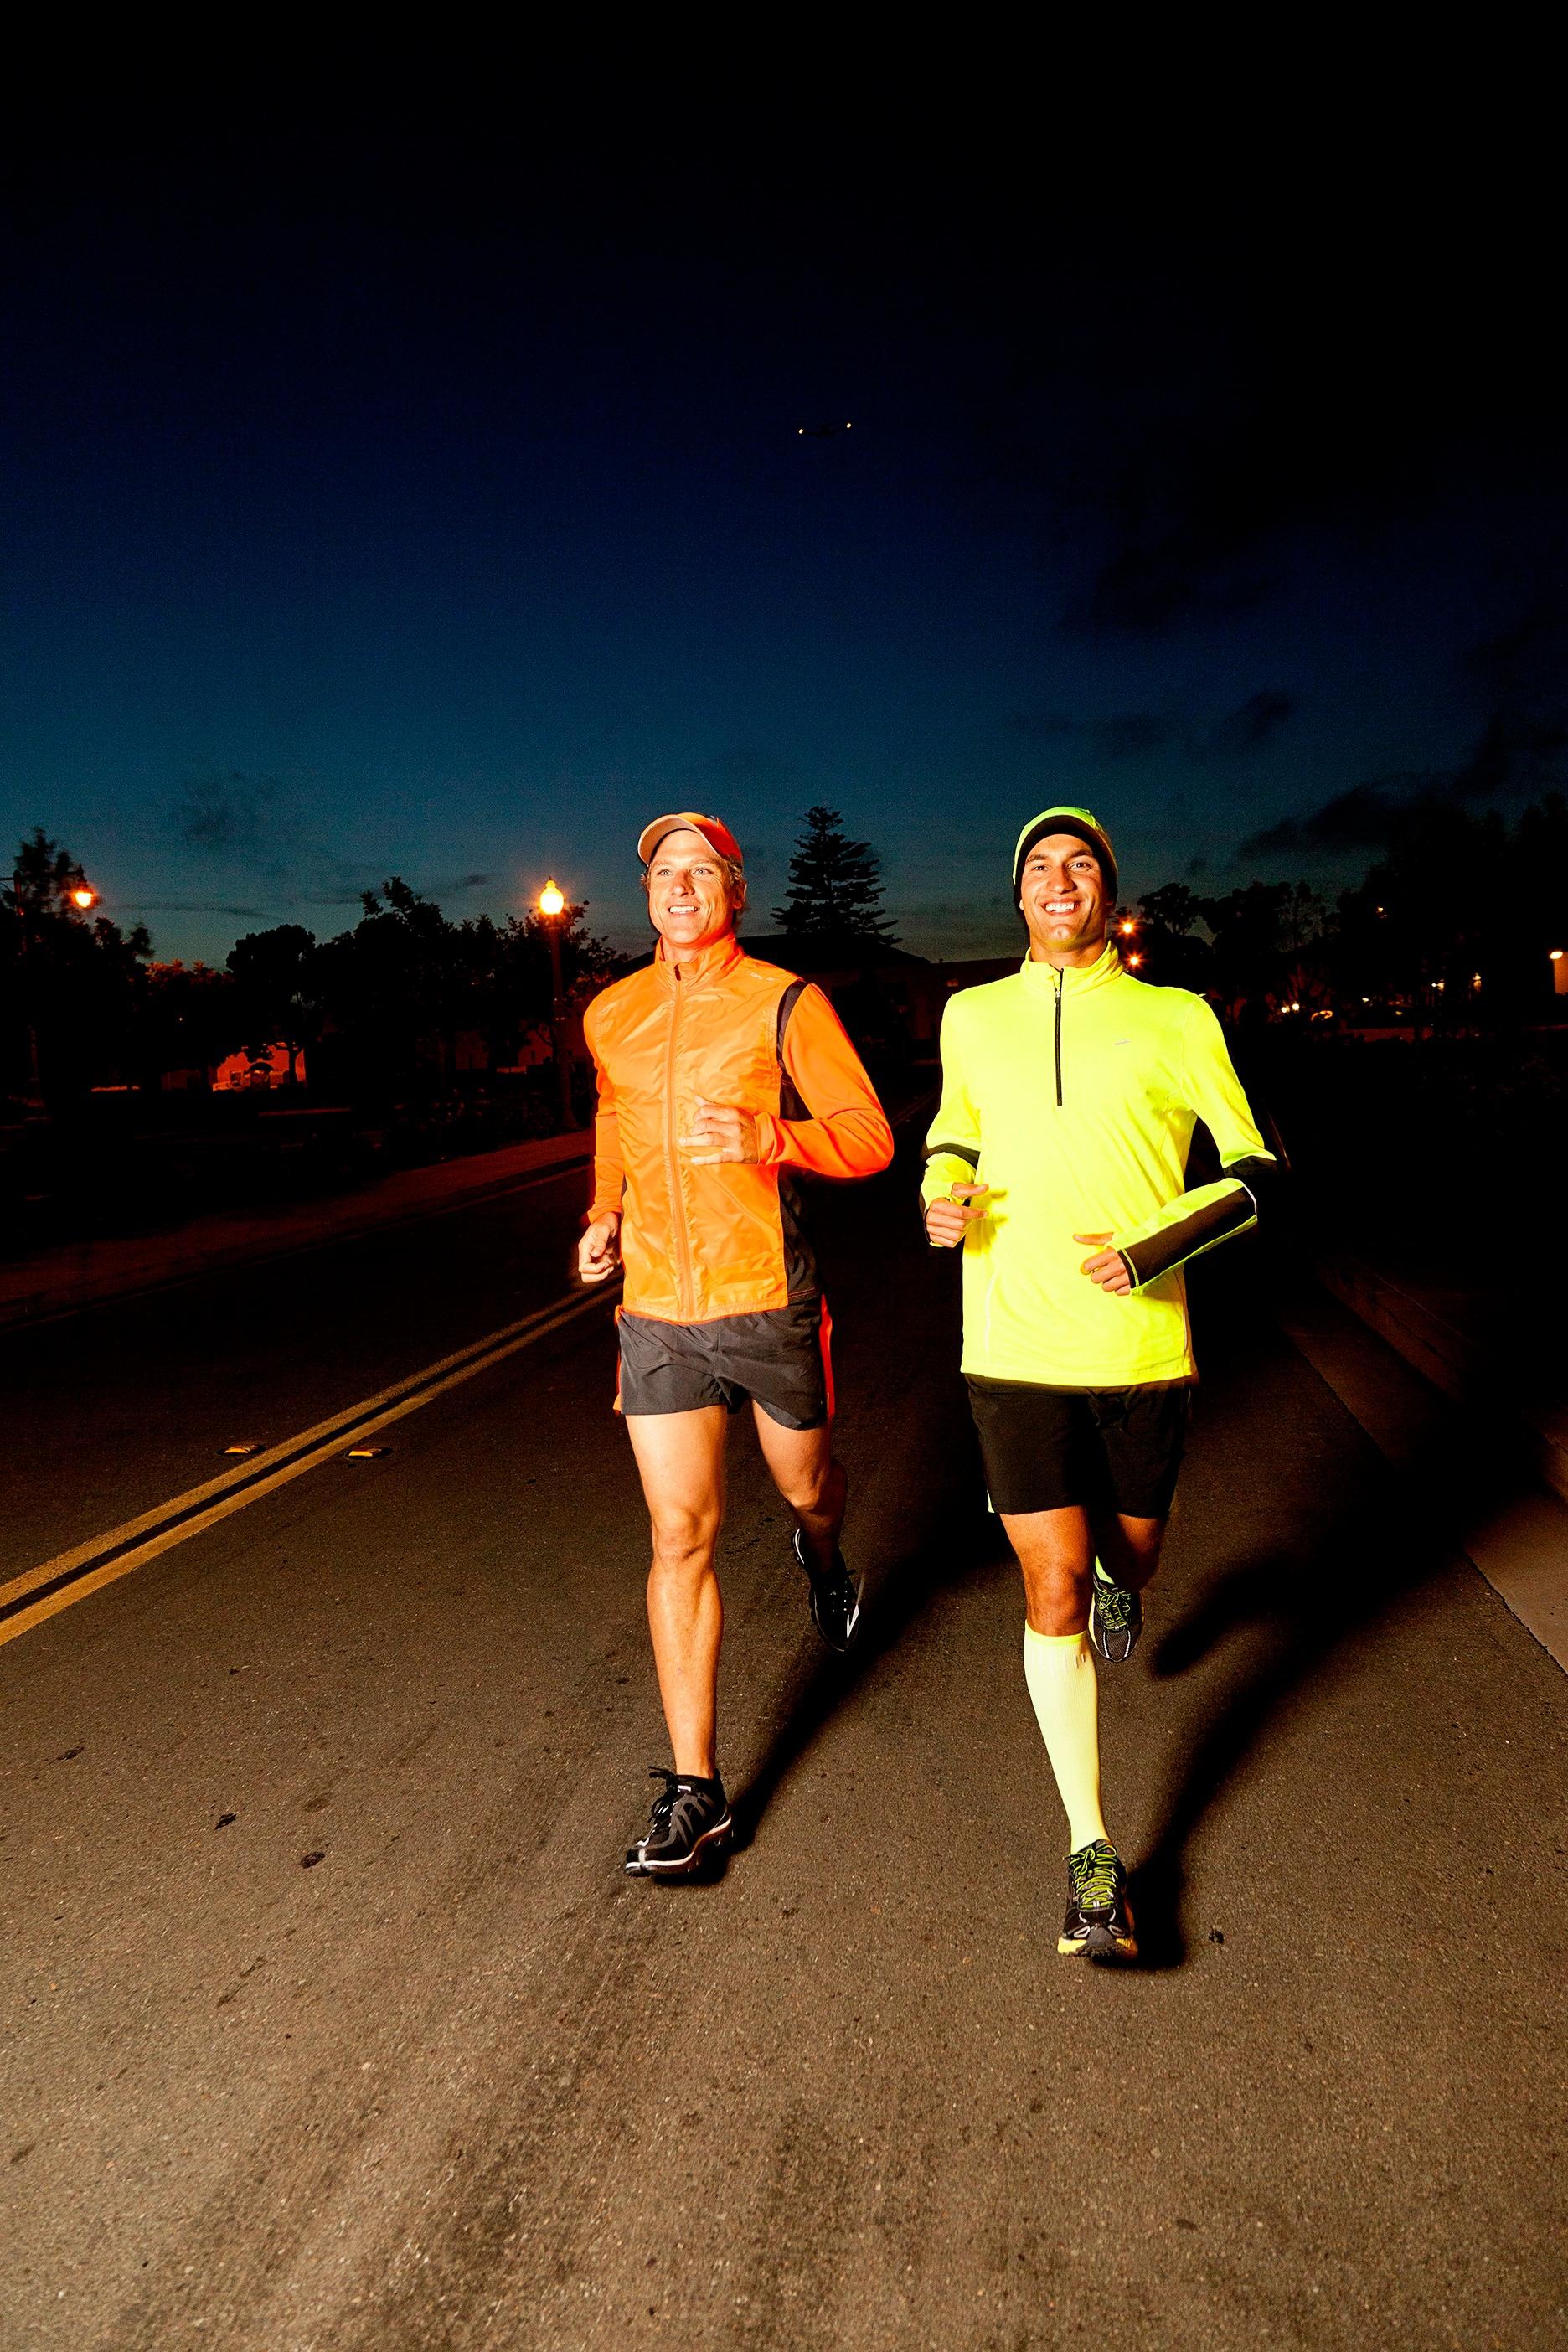 Marathon als Medikament und nicht als Risiko – Marathontipps von Brooks und engelhorn sports